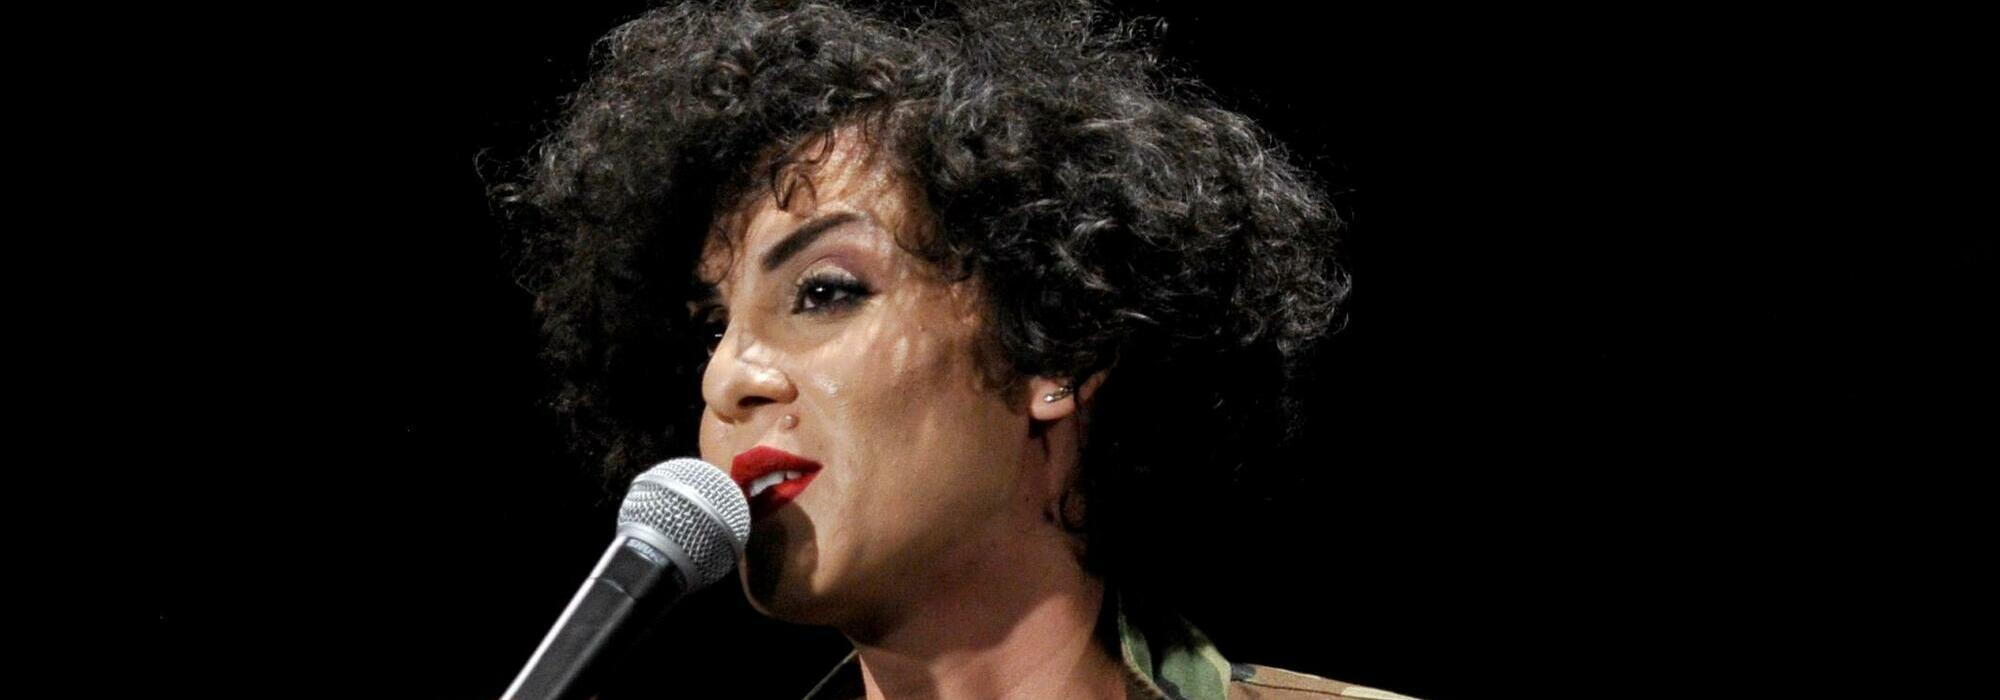 A Marcella Arguello live event